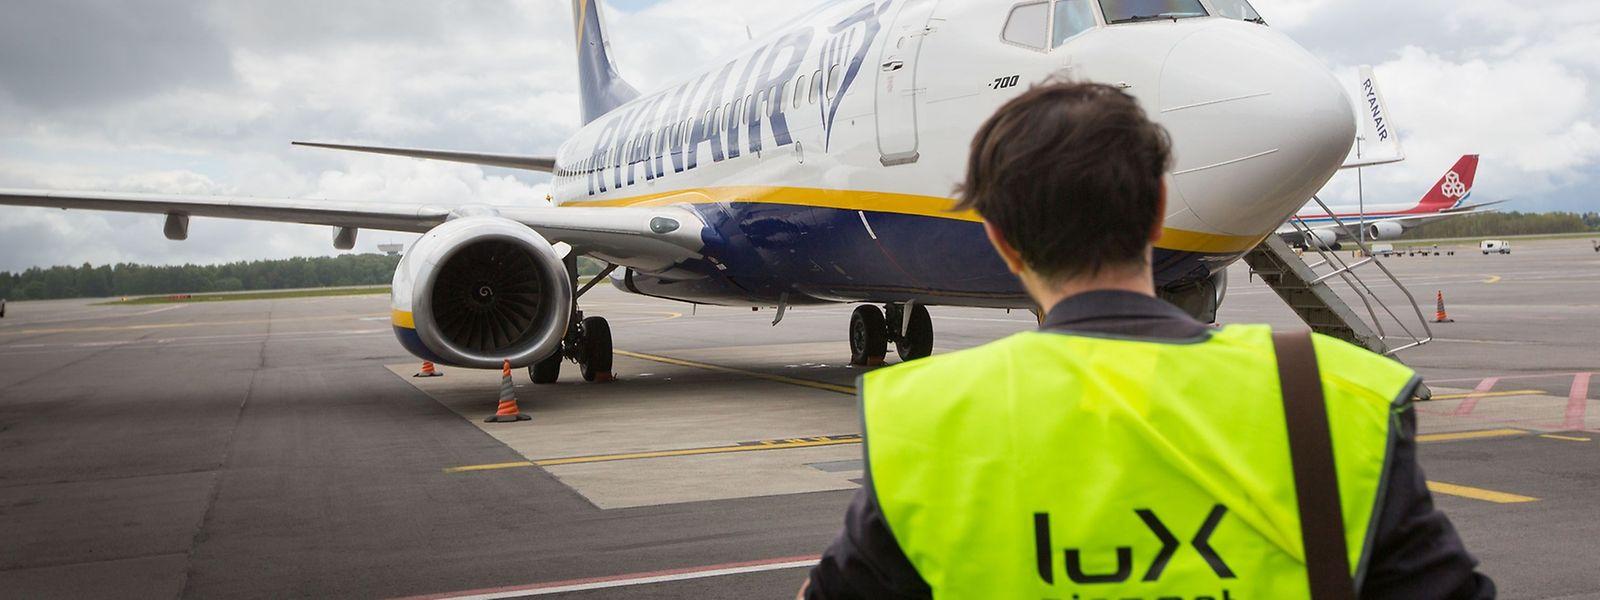 Die Iren rechnen am Findel nun bereits mit über 450000 Passagieren pro Jahr.